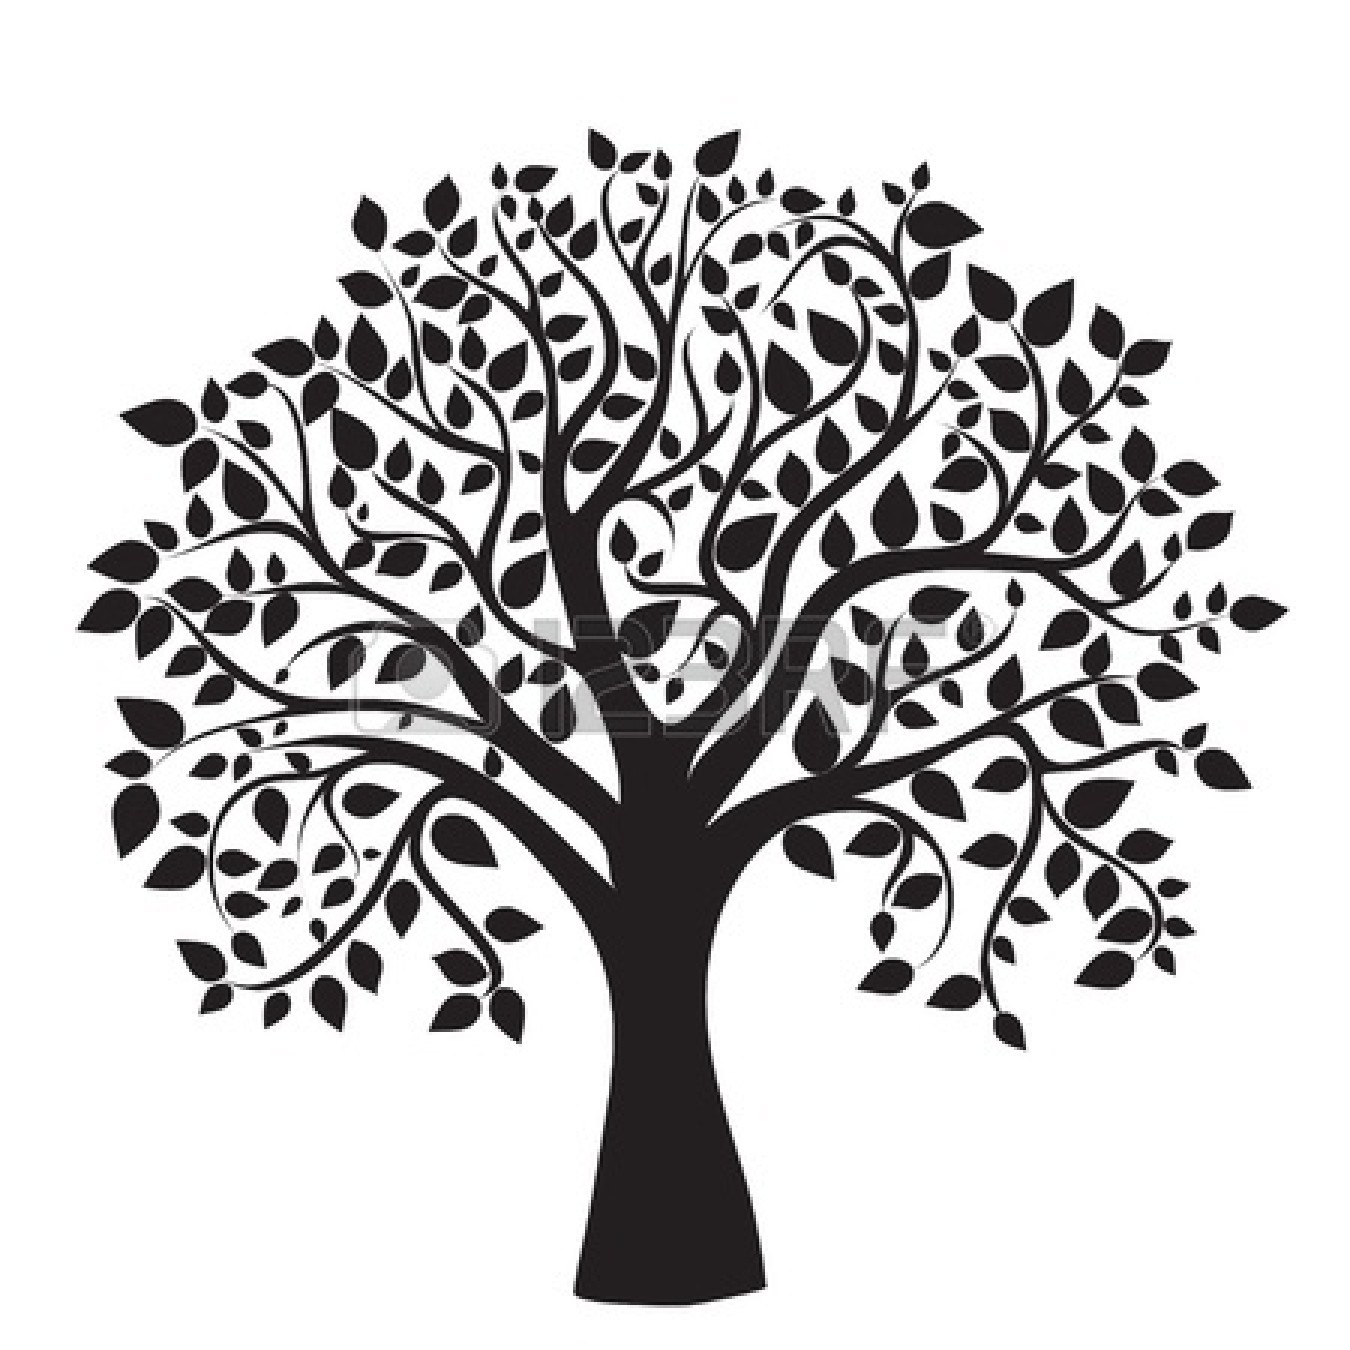 Free family tree.